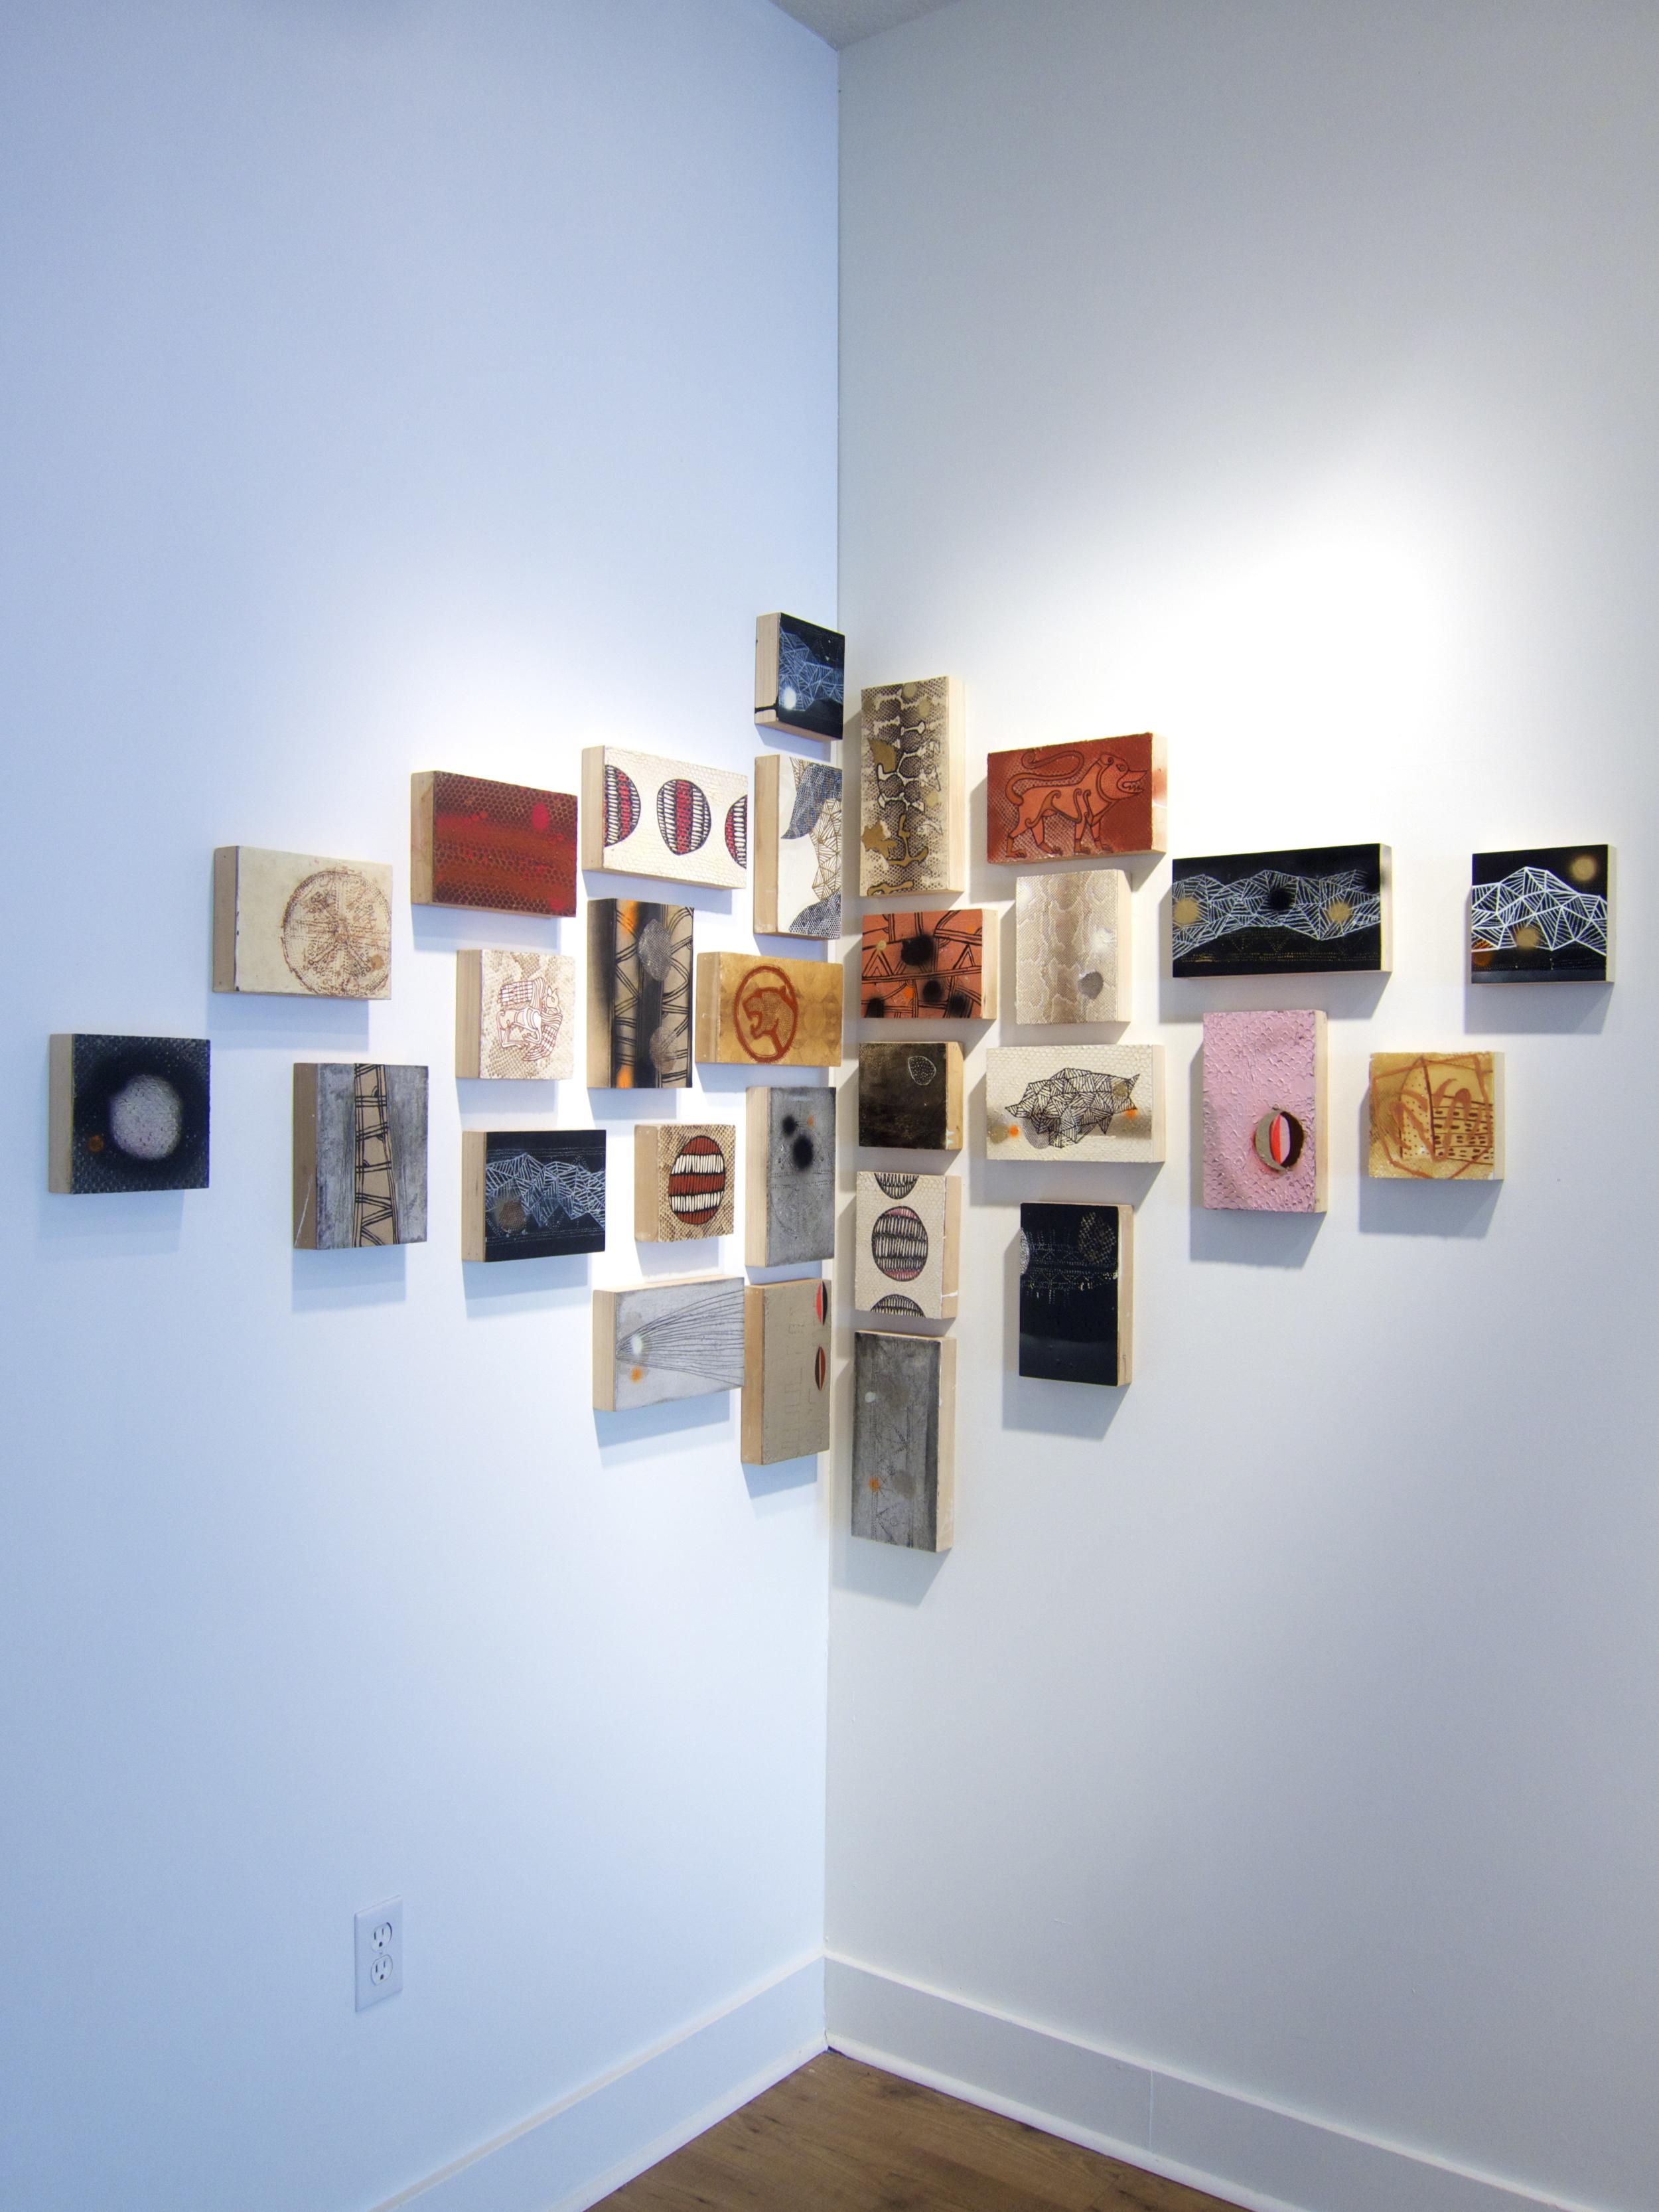 Alicia Blue Gallery, Portland, OR